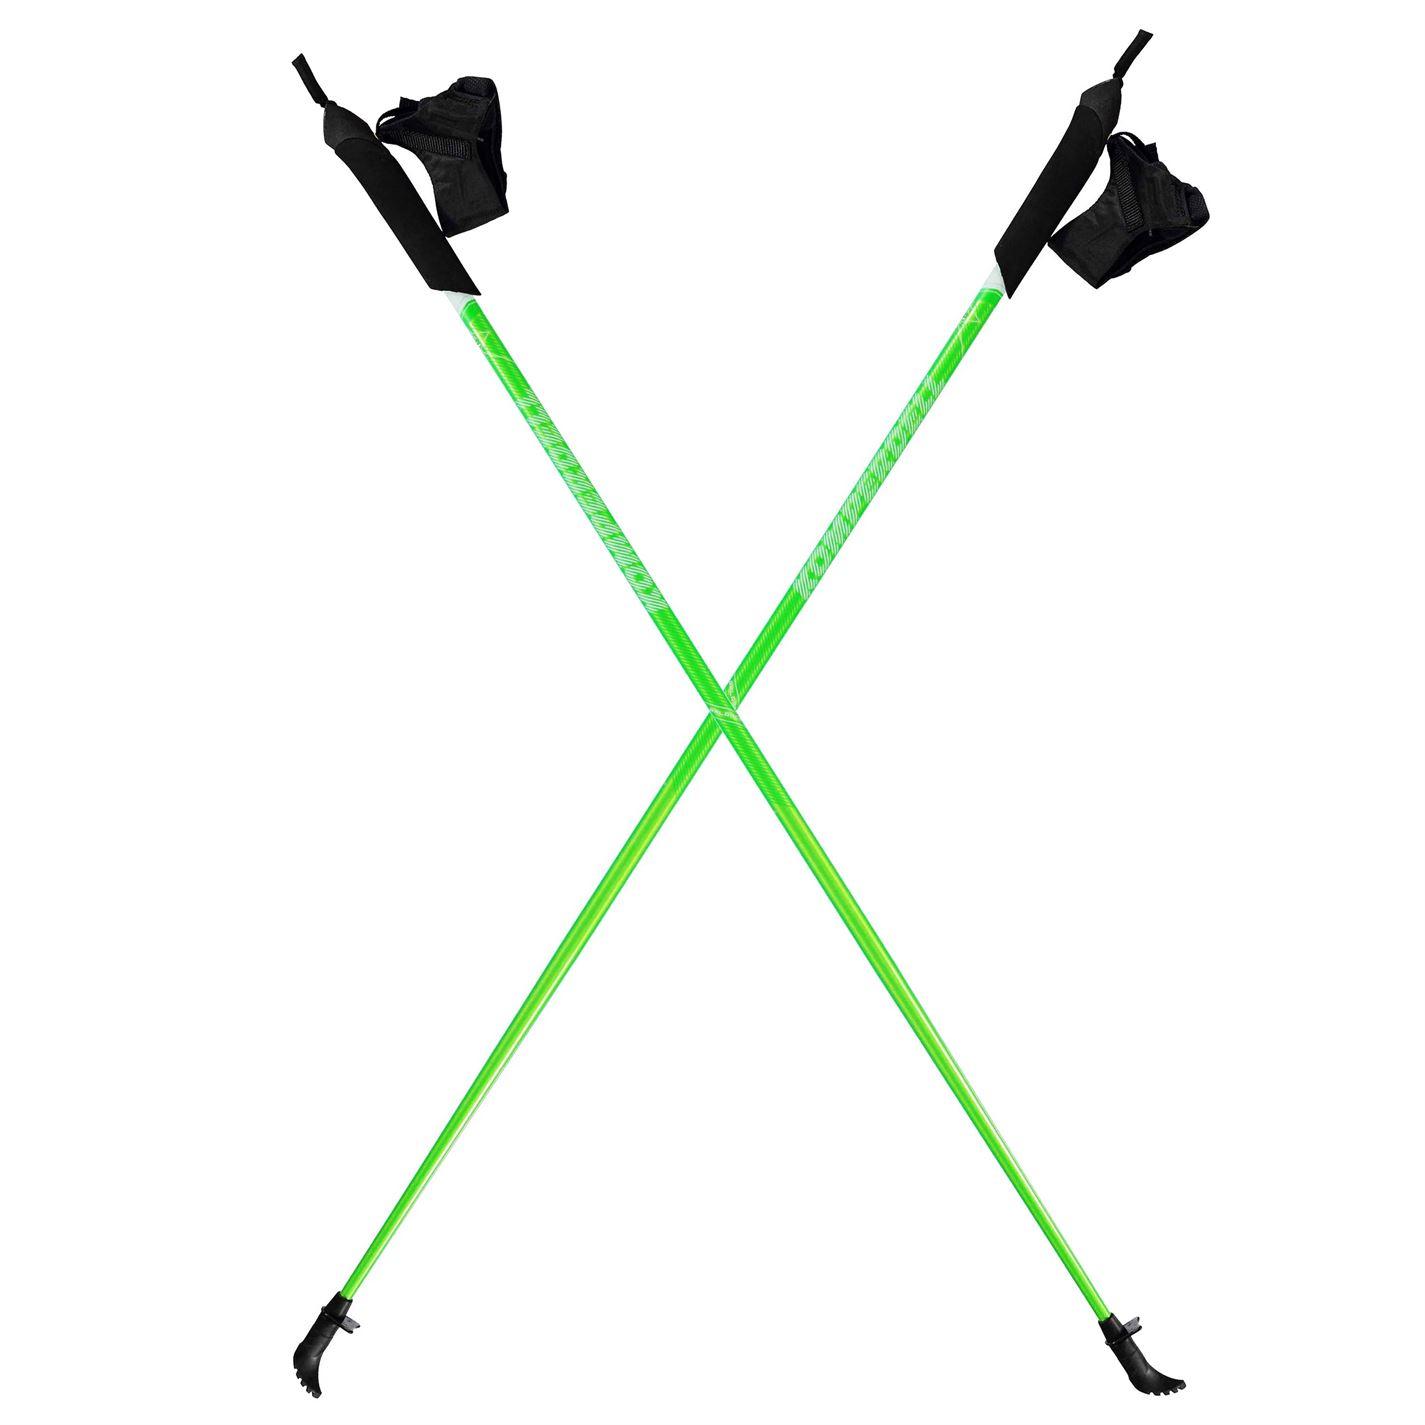 Komperdell Balance Nordic Walking Poles